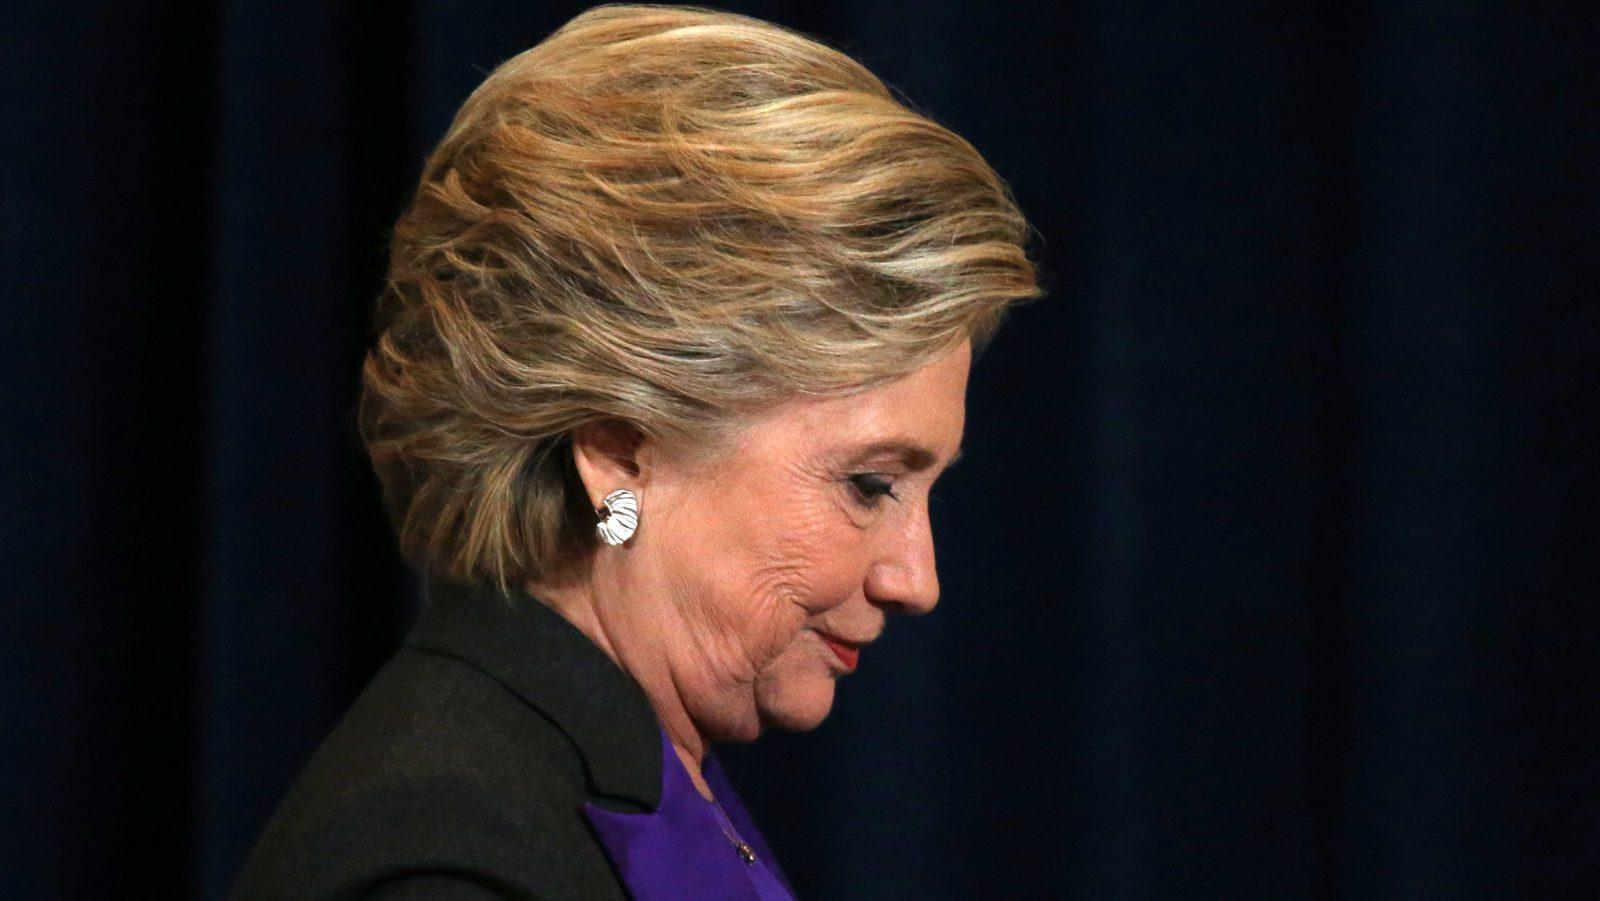 Hillary Clinton attends an event.